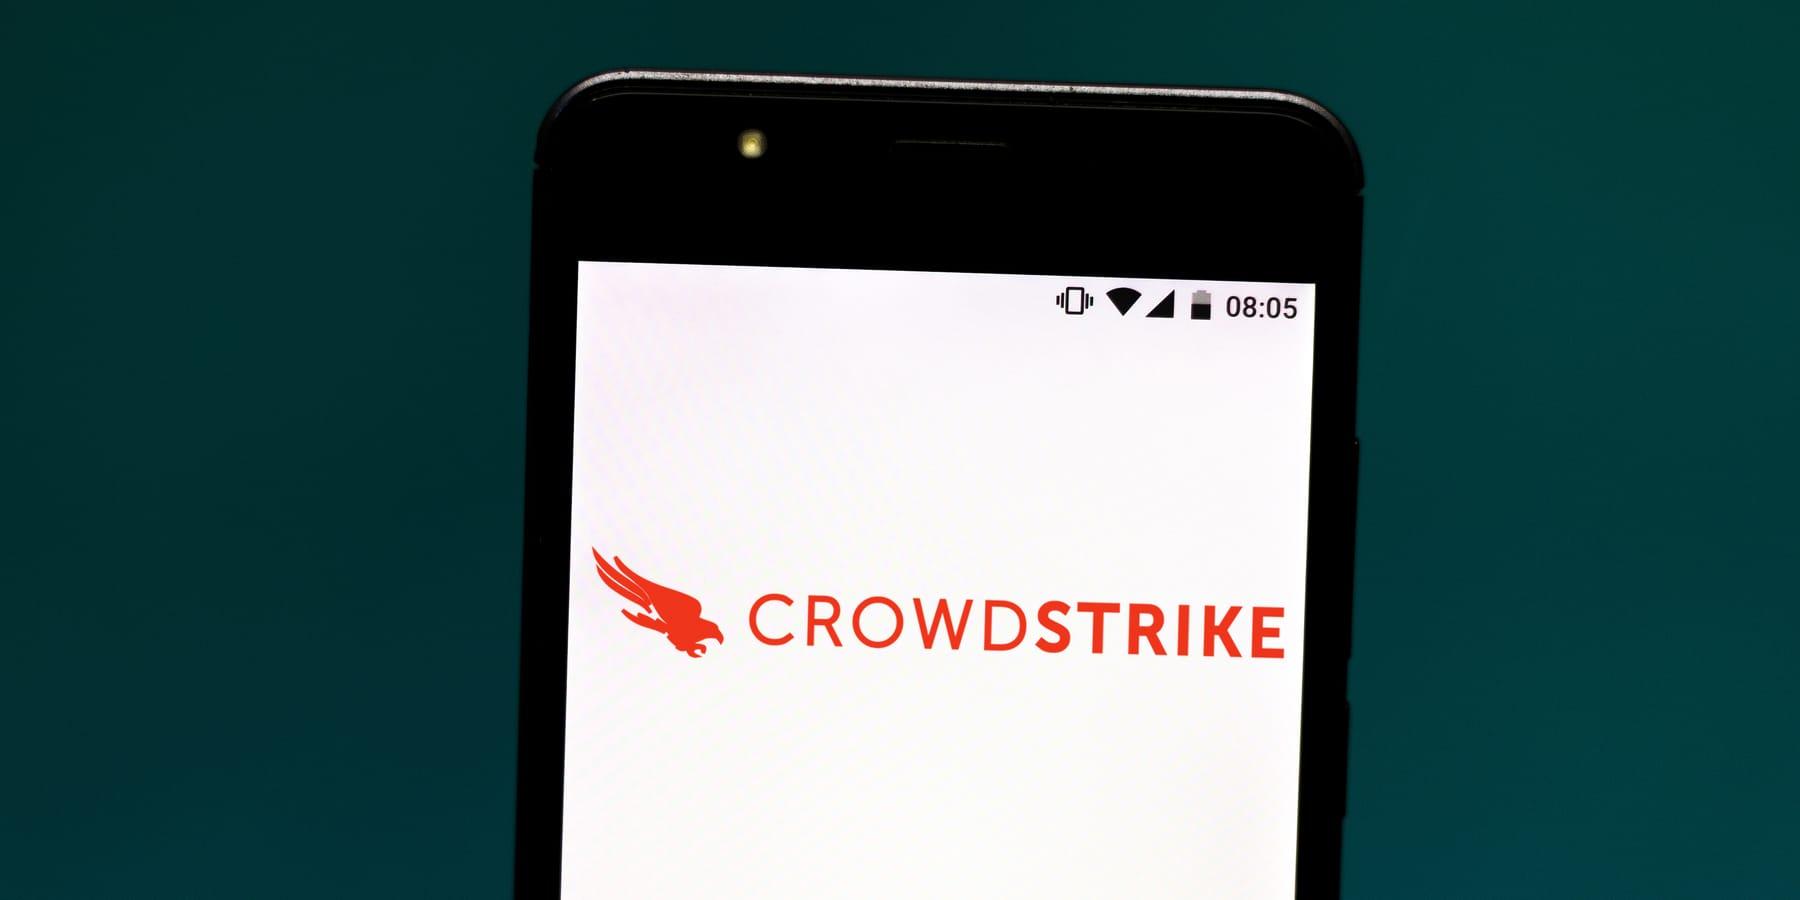 CrowdStrike Aktie - Bild von CrowdStrike Logo auf Smartphone